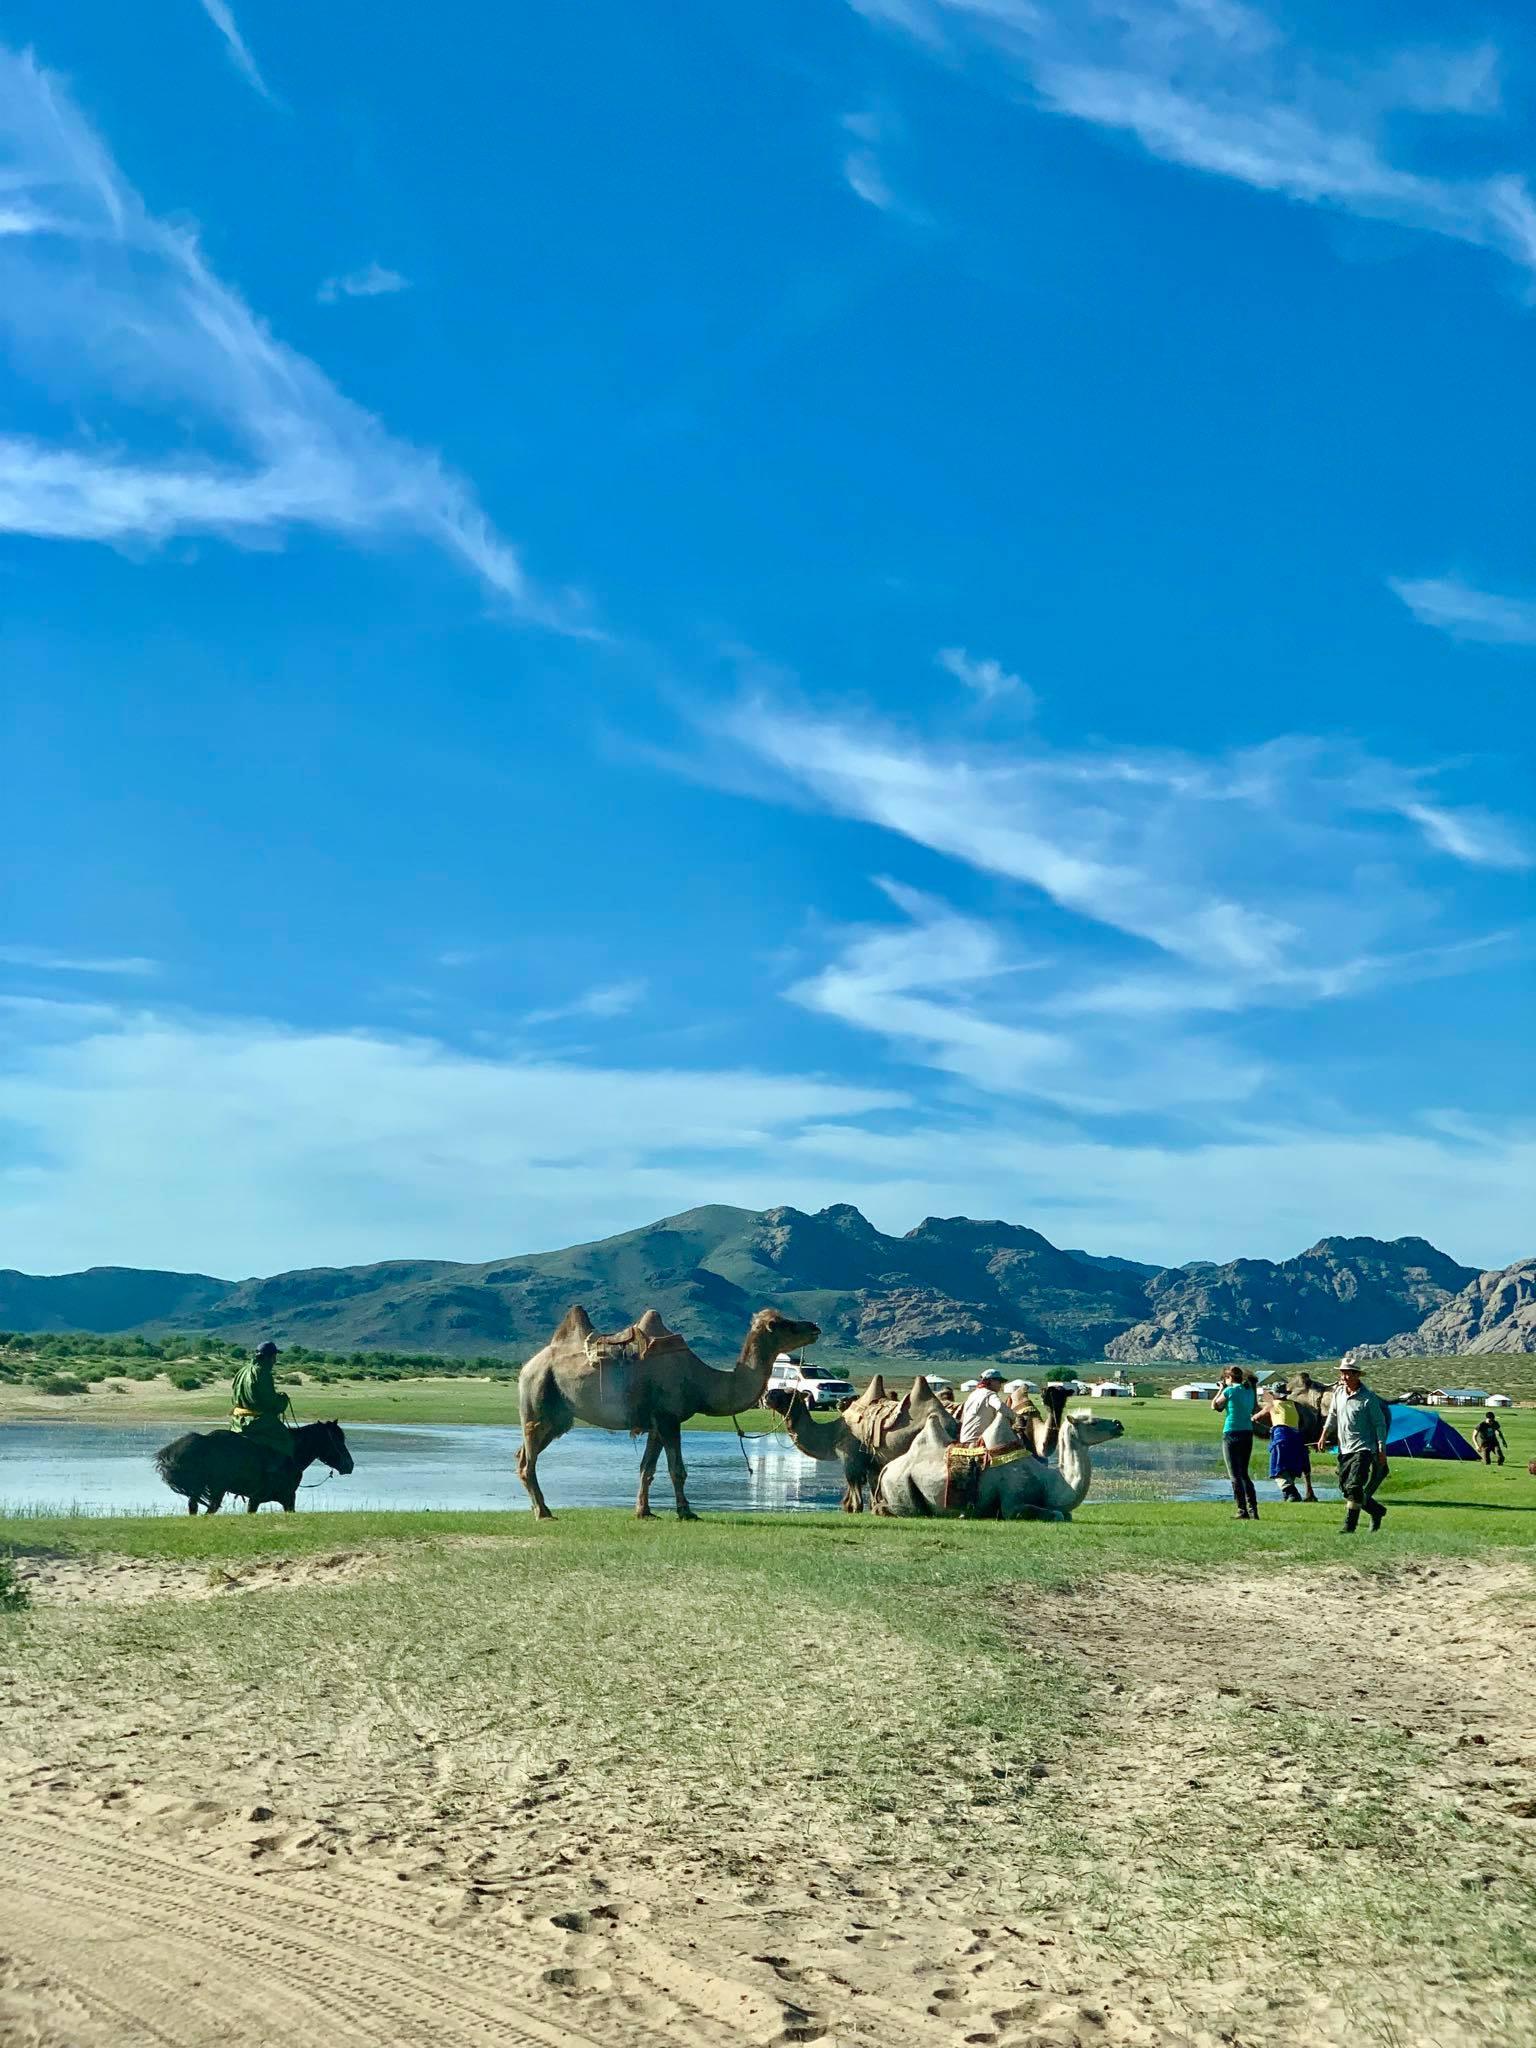 Kach Solo Travels in 2019 Nomadic family in Elsen Tasarkhai28.jpg